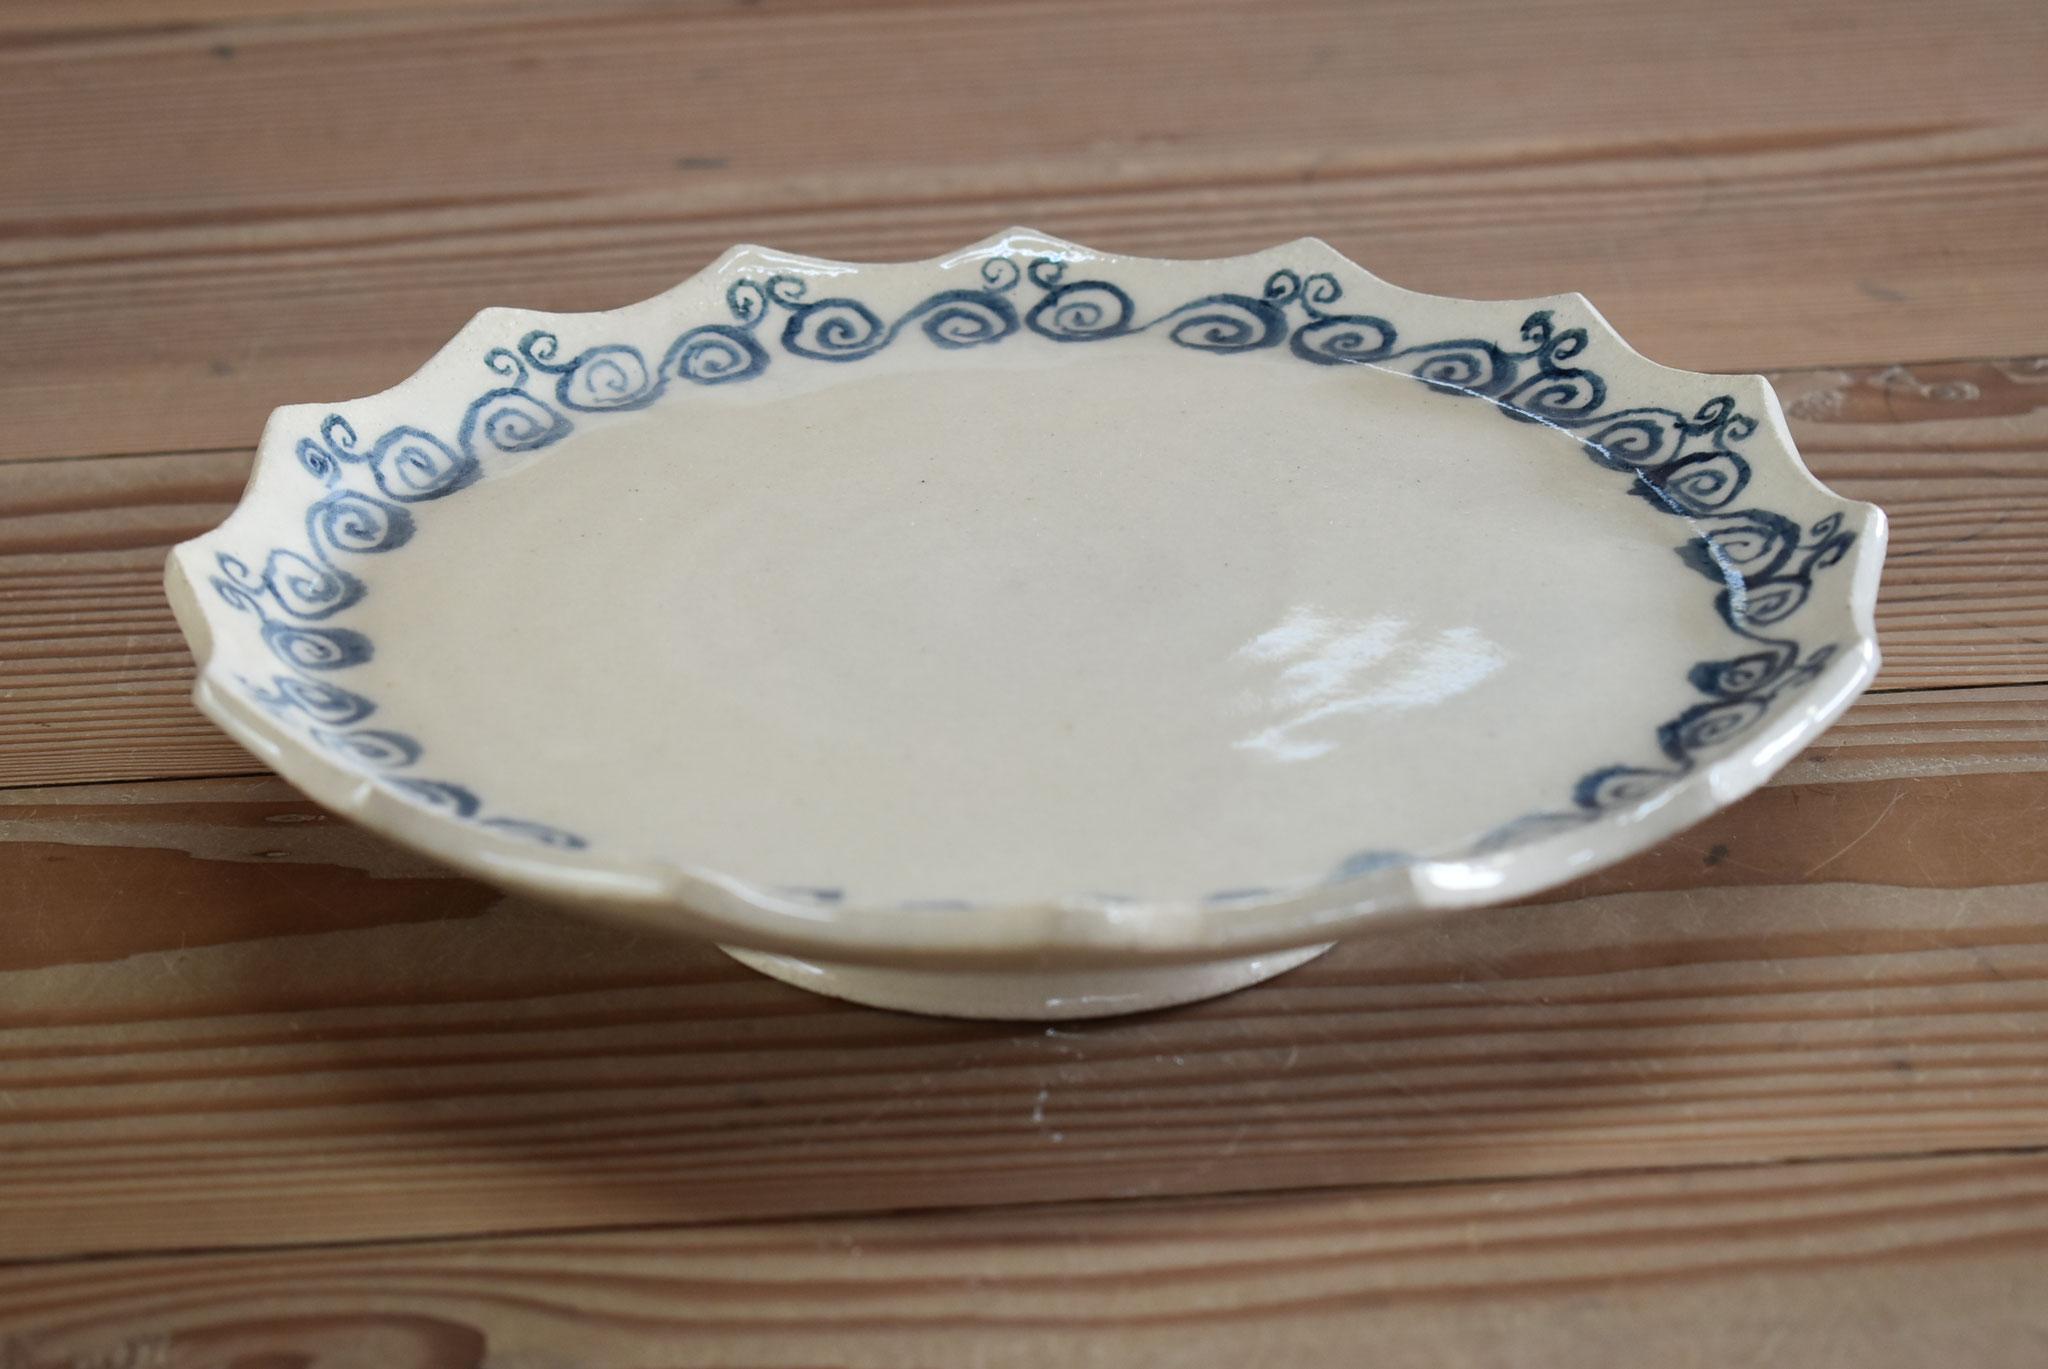 台付飾り皿:白土に石灰透明、模様は古代呉須で筆描き